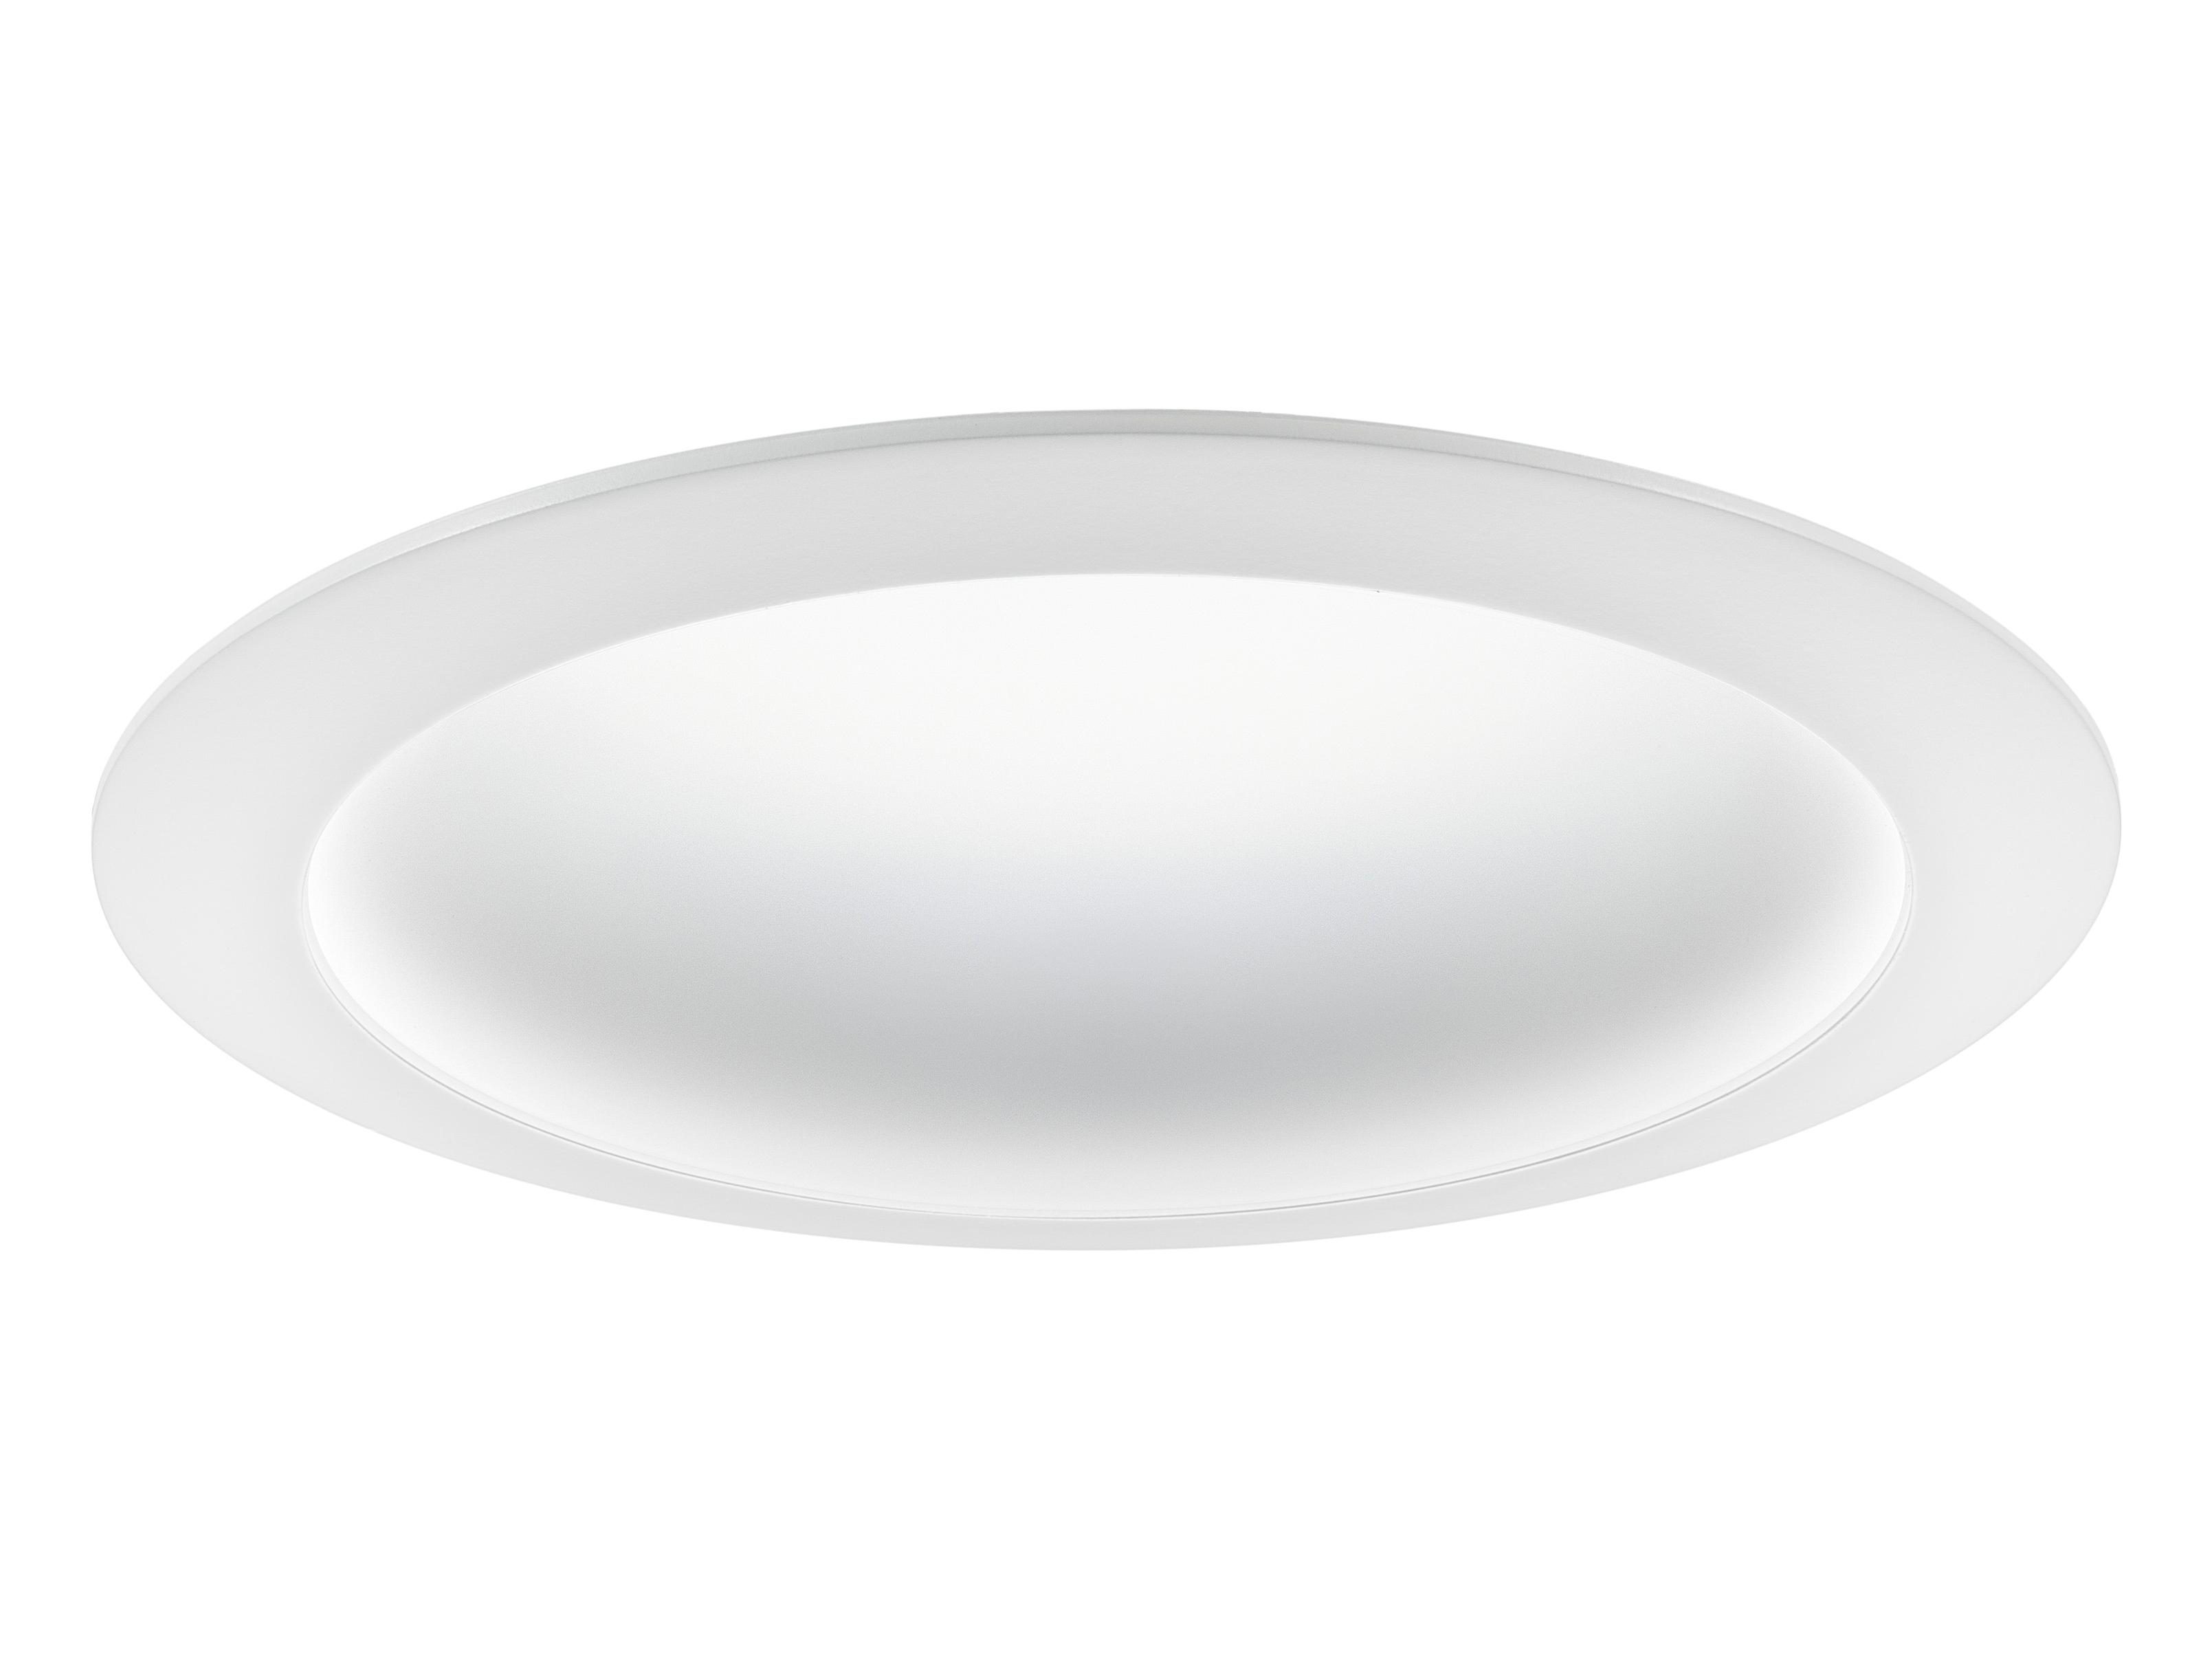 LEDダウンライト「マルミナ」ワンコア(ひと粒)タイプ